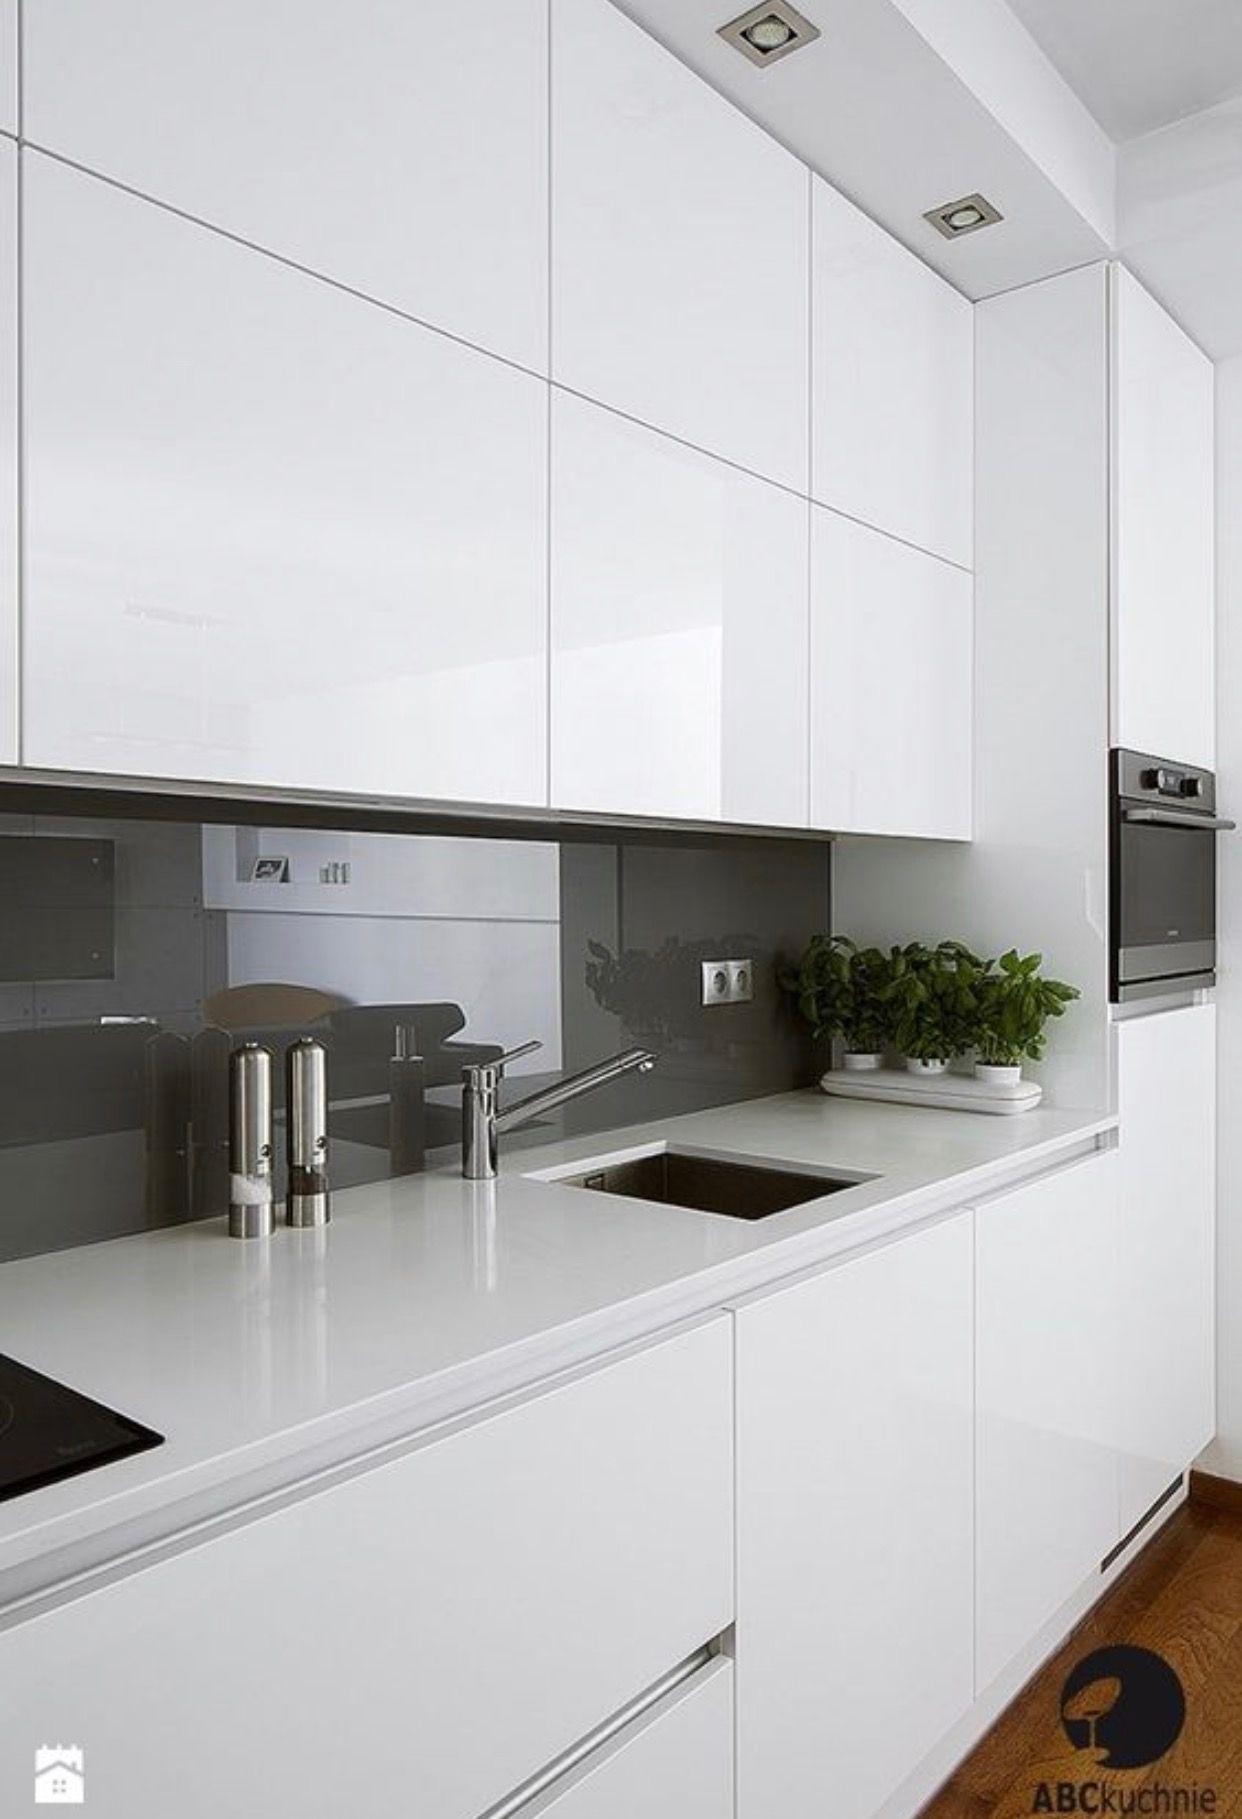 Pin de ana en cocinas   Pinterest   Cocinas, Cocina moderna y Moderno